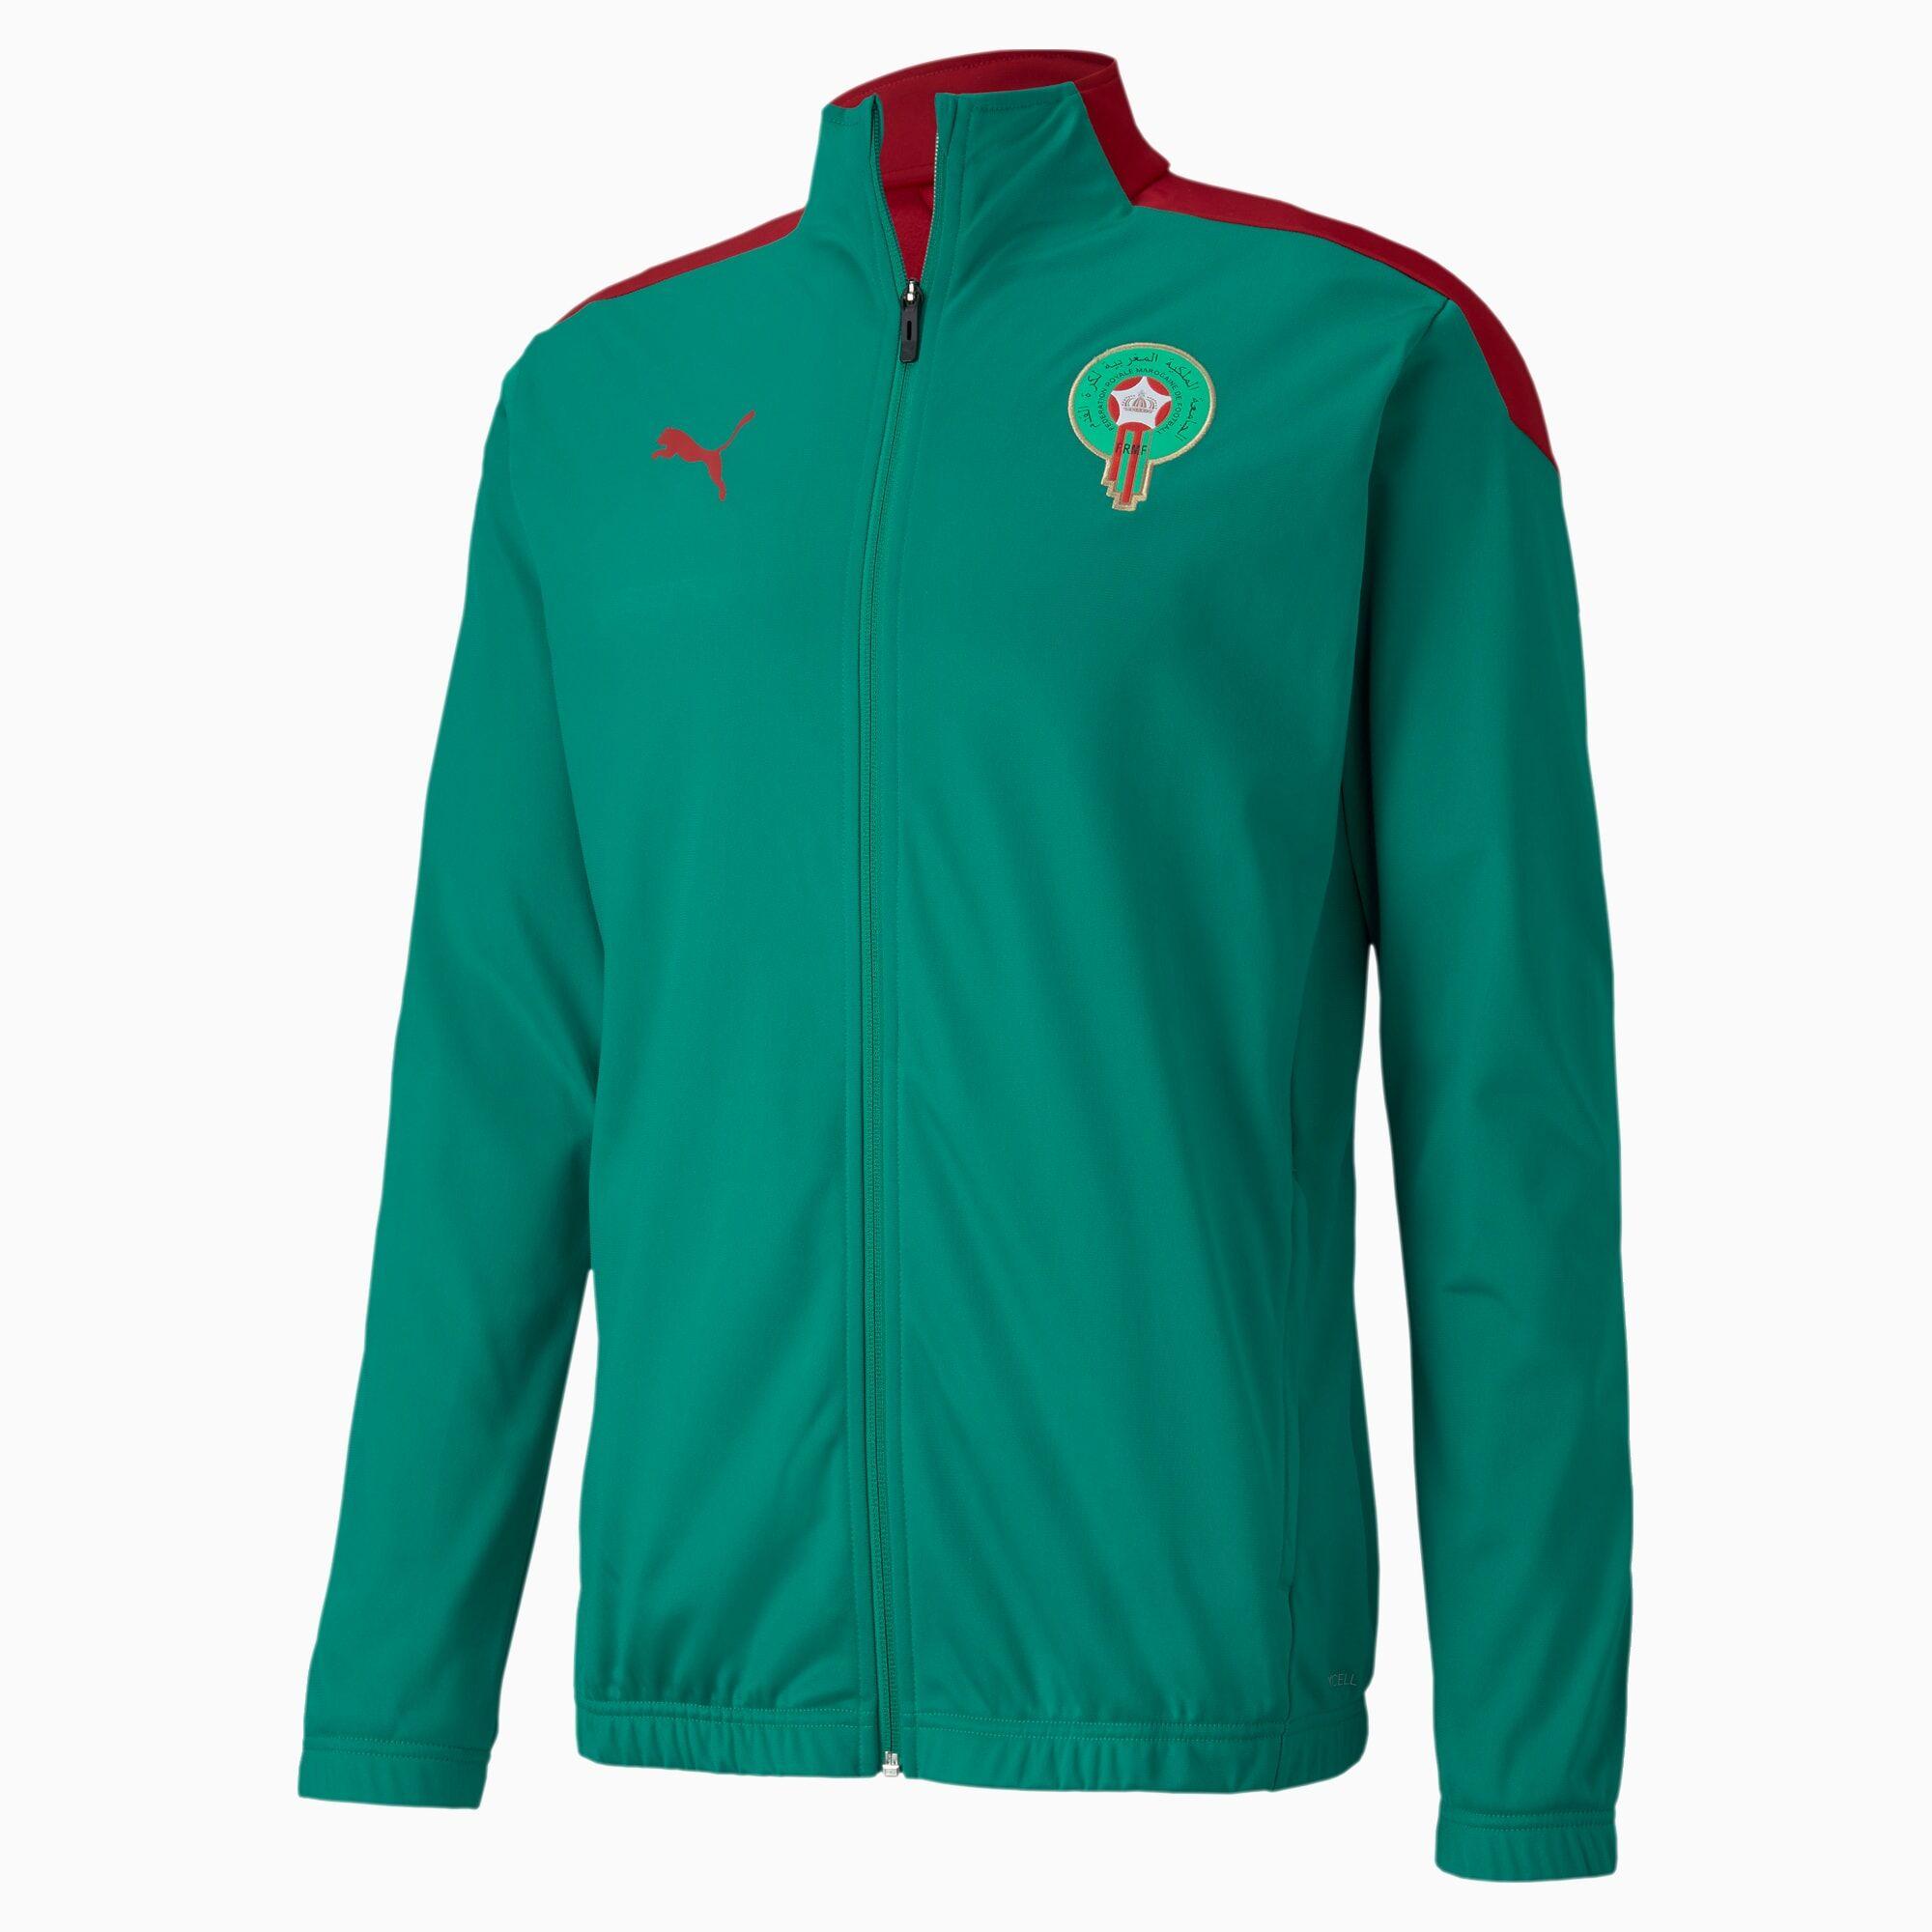 PUMA Blouson Maroc Stadium pour Homme, Vert/Rouge, Taille 3XL, Vêtements